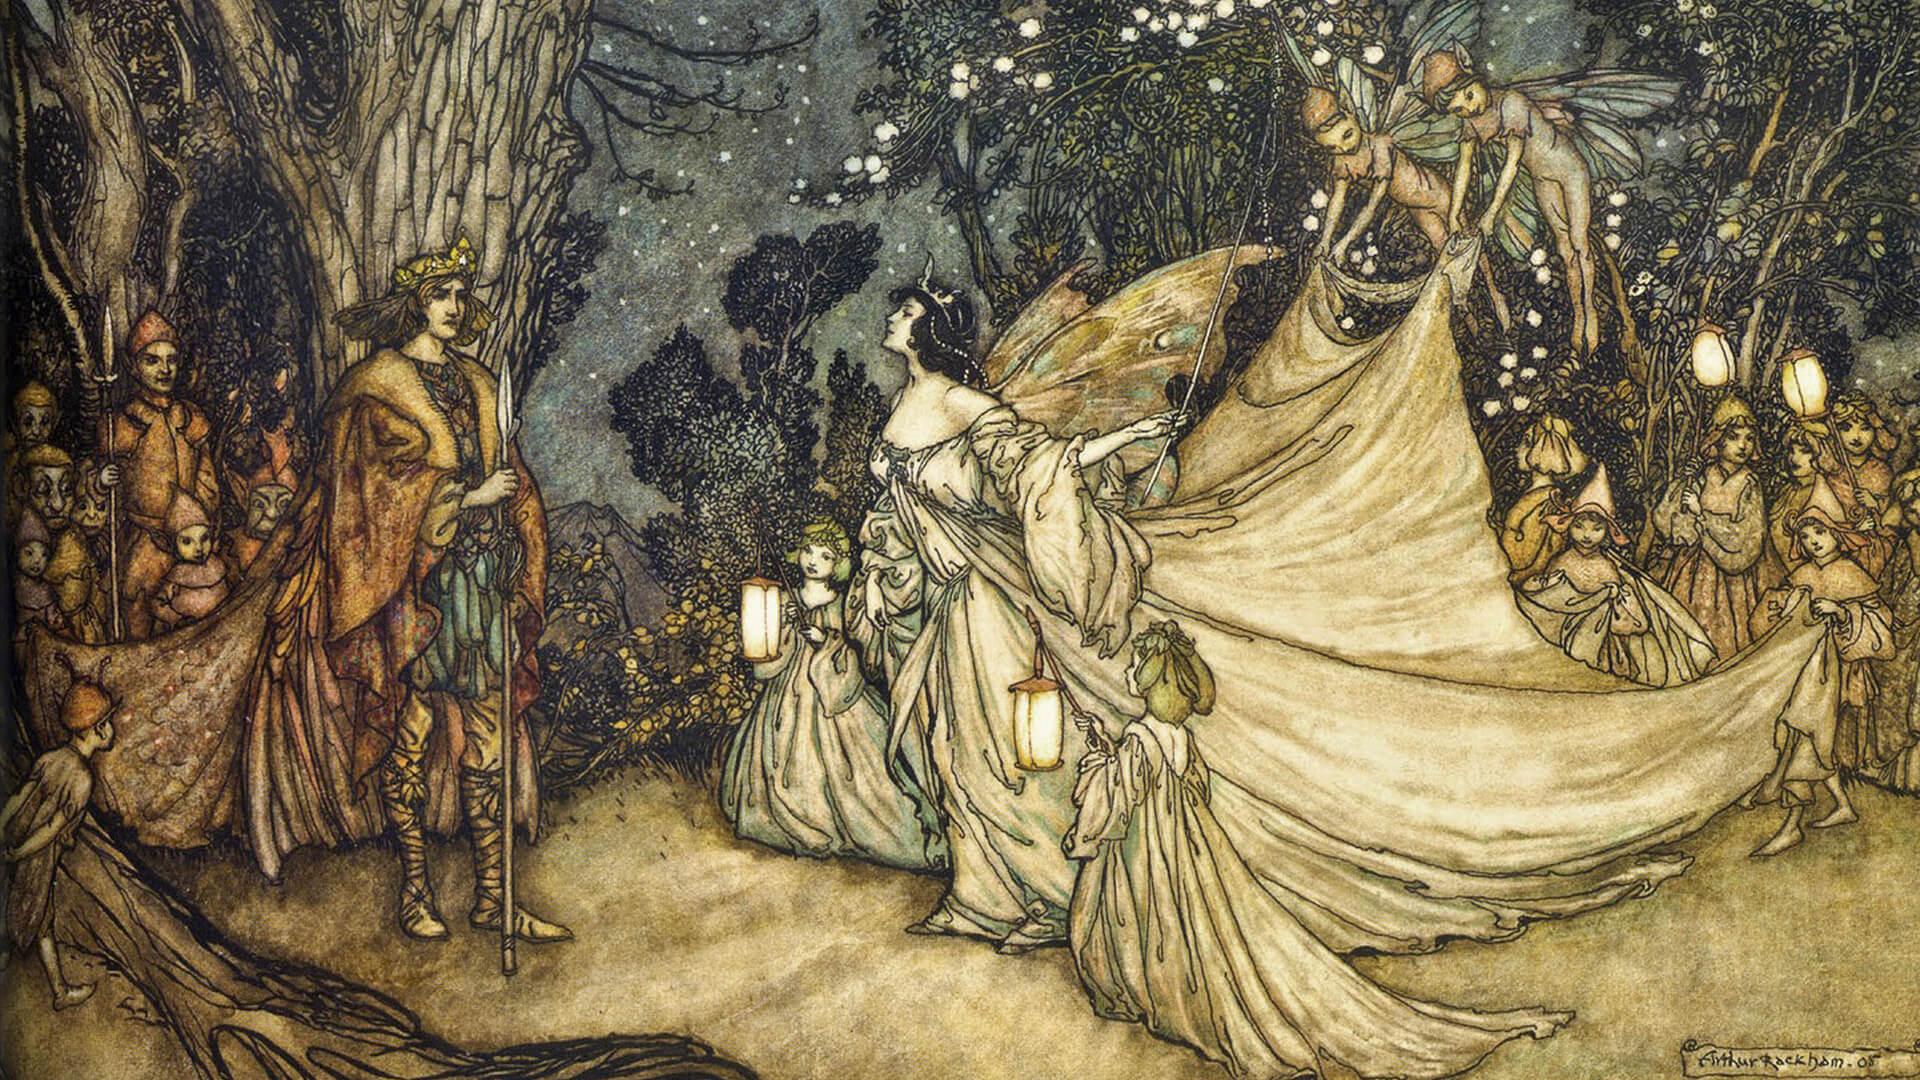 Arthur Rackham-The Meeting of Oberon and Titania_1920x1080